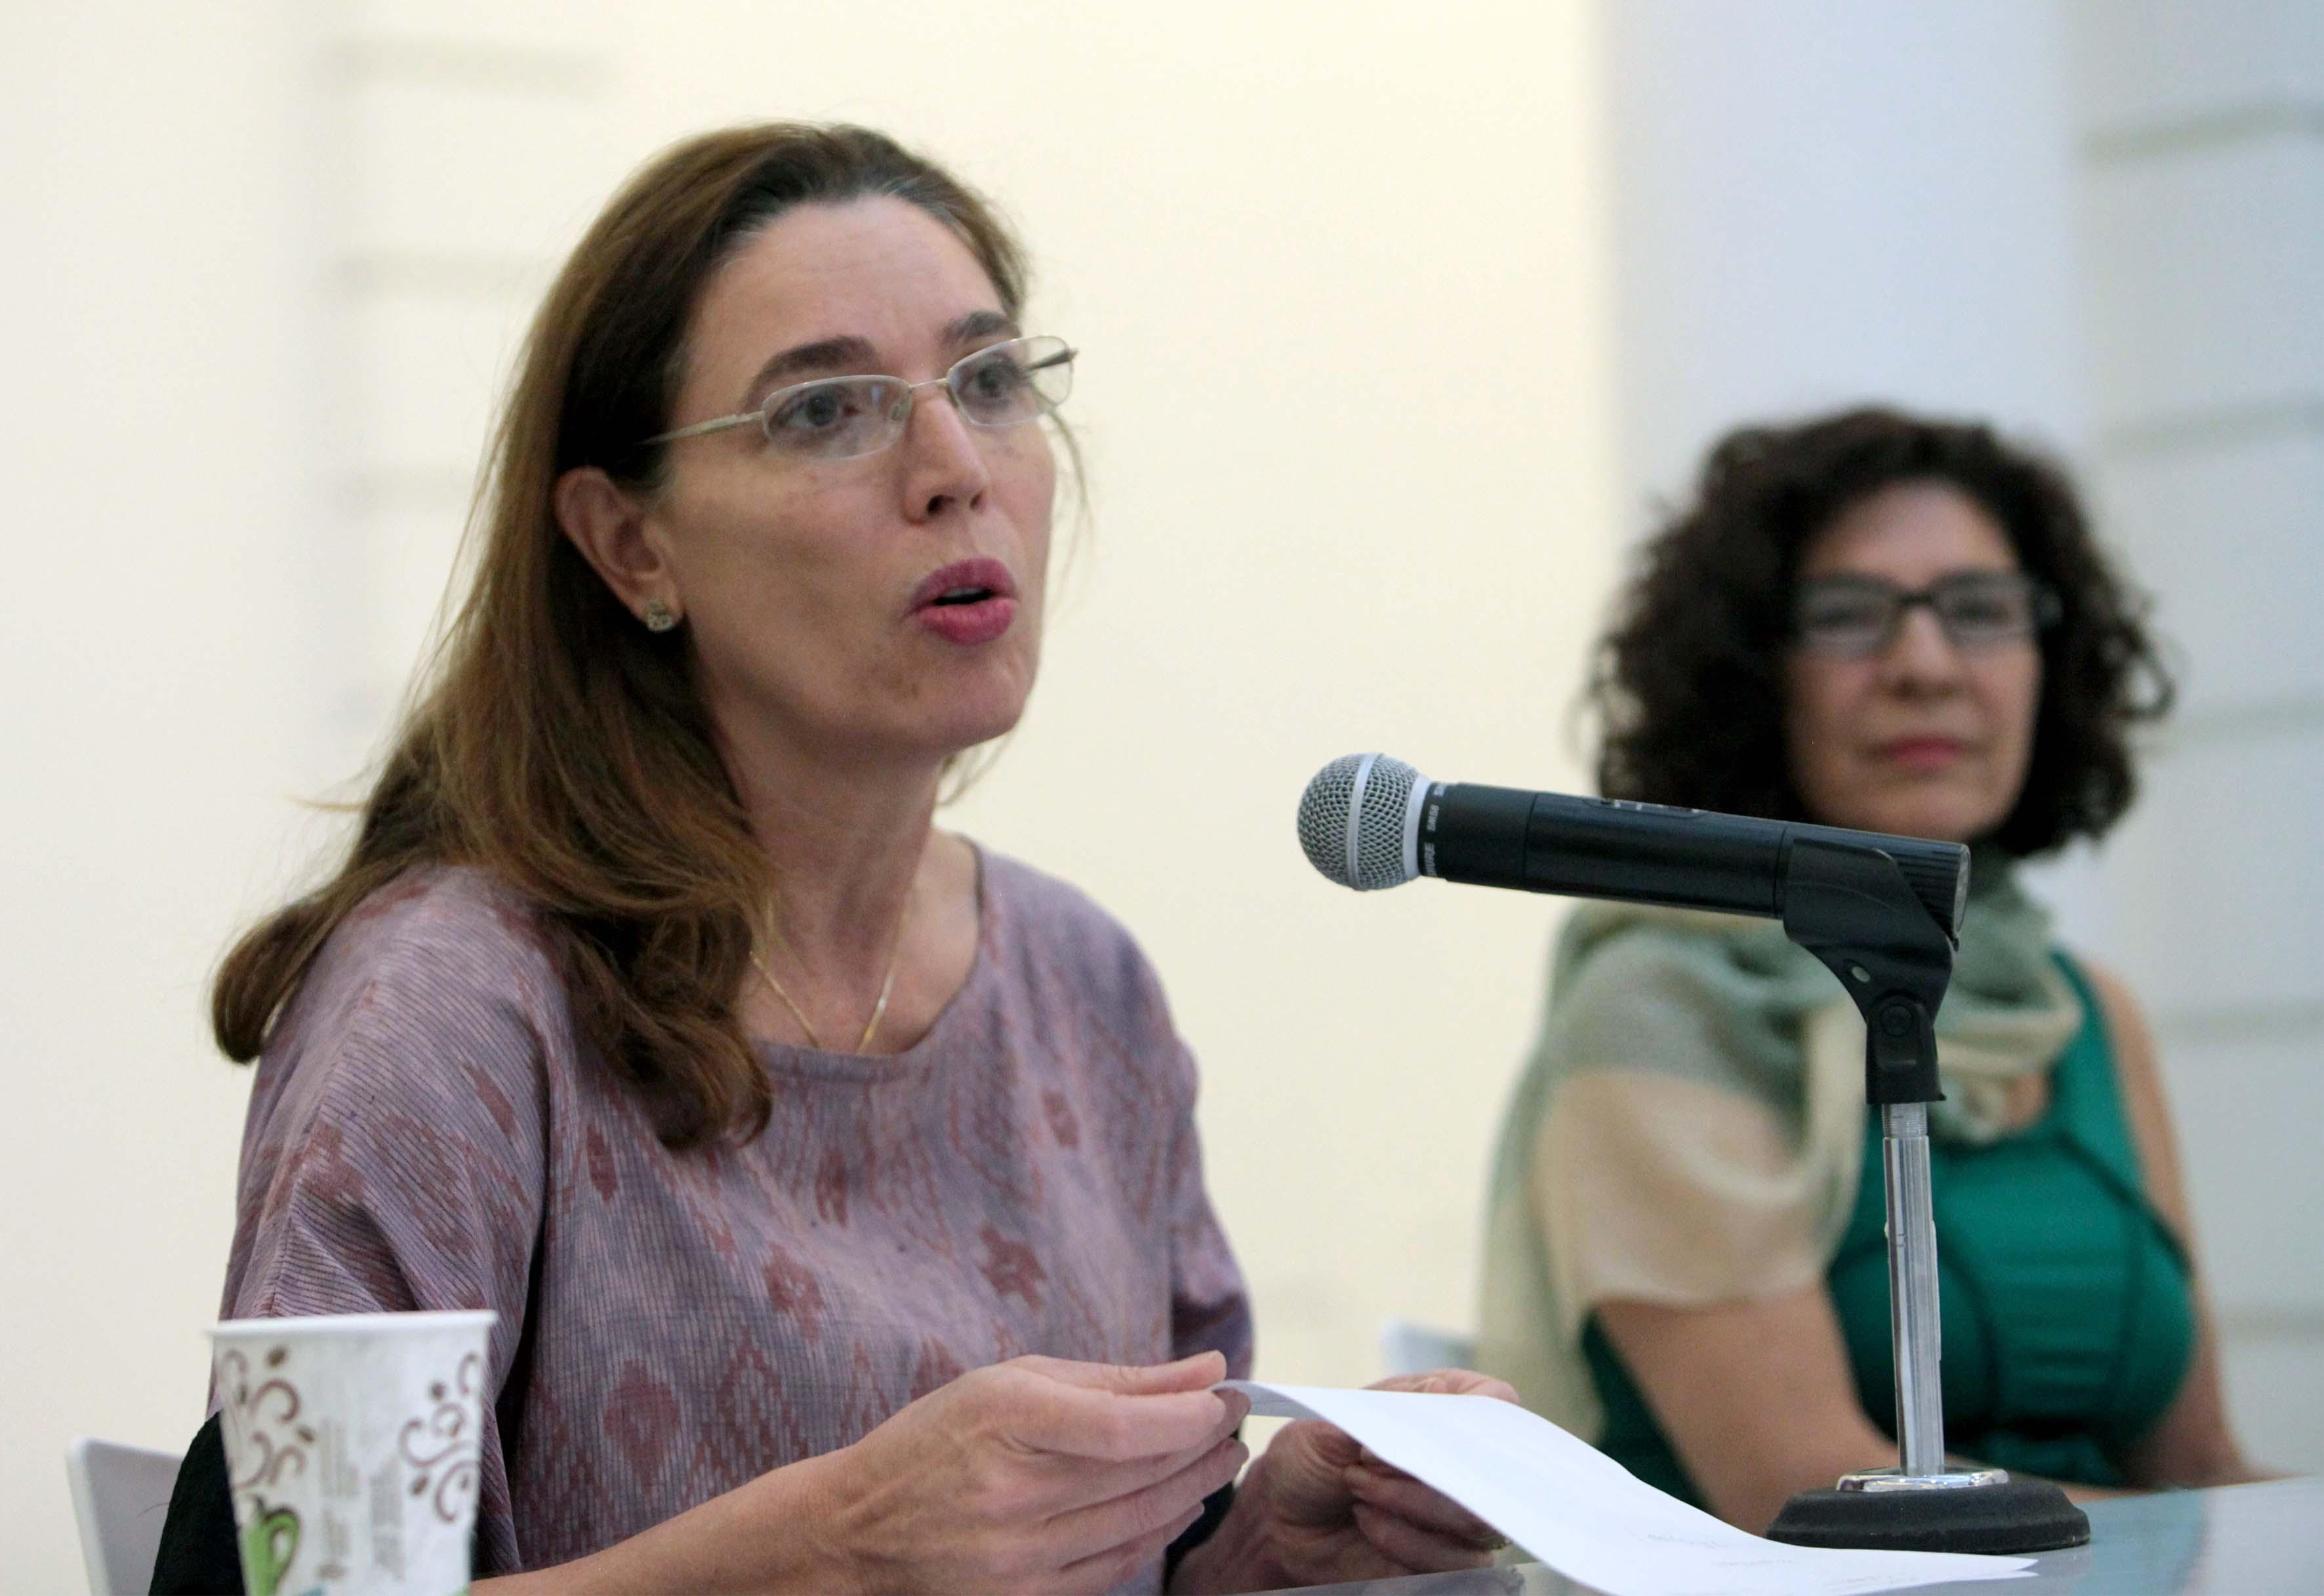 Panelista participante en conferencia de prensa por la exposición Puertas abiertas, en el marco del 90 aniversario de la refundación de la Universidad de Guadalajara y el XXI aniversario de la fundación del MUSA.